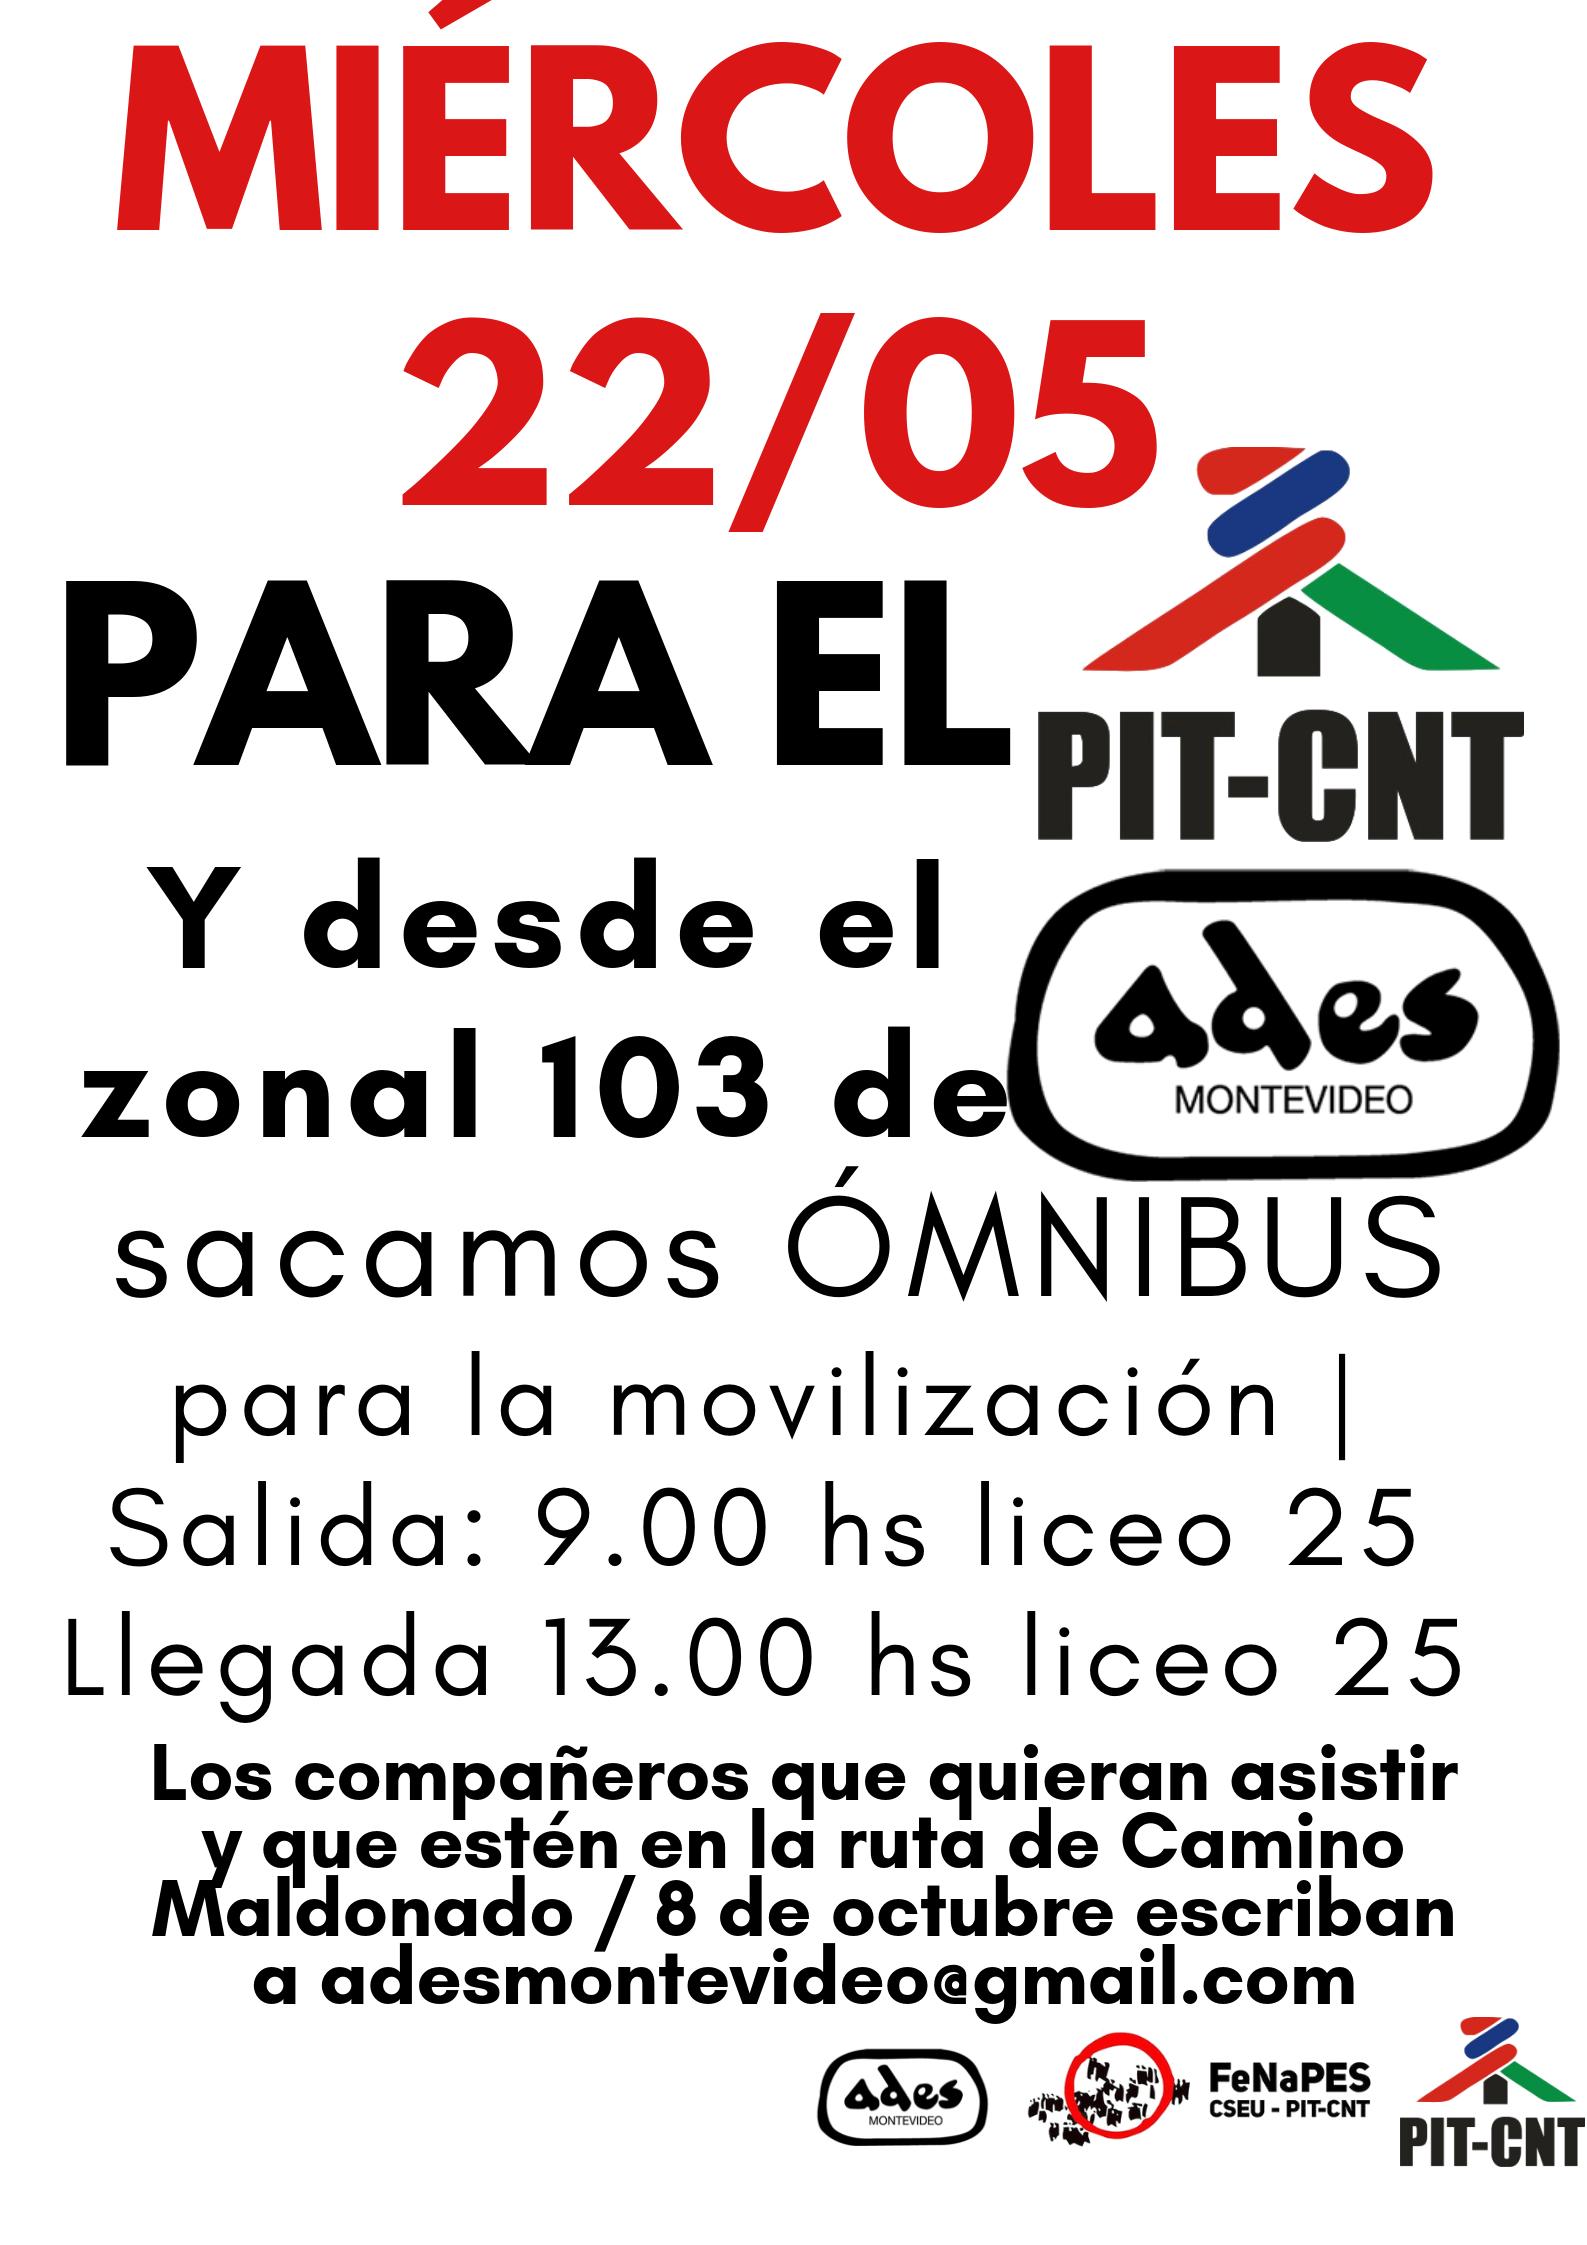 Zonal 103 de ADES Montevideo organiza transporte para la movilización en solidaridad con los compañeros de UAOEGAS